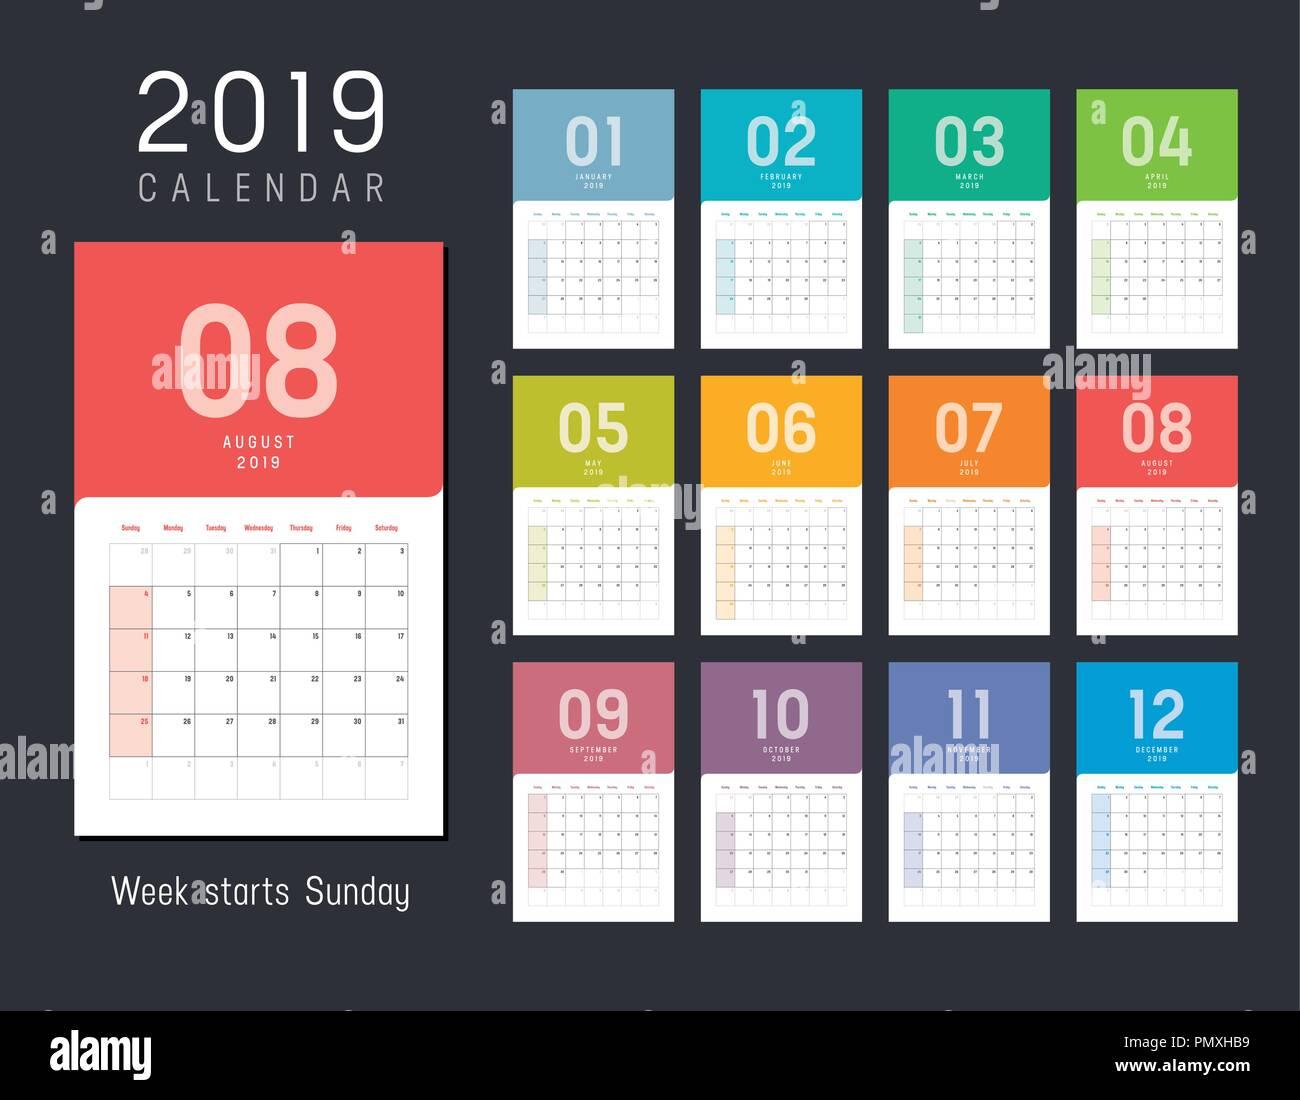 Calendario Settimane Anno 2019.Anno 2019 Calendario Colorate Settimane Inizio Domenica